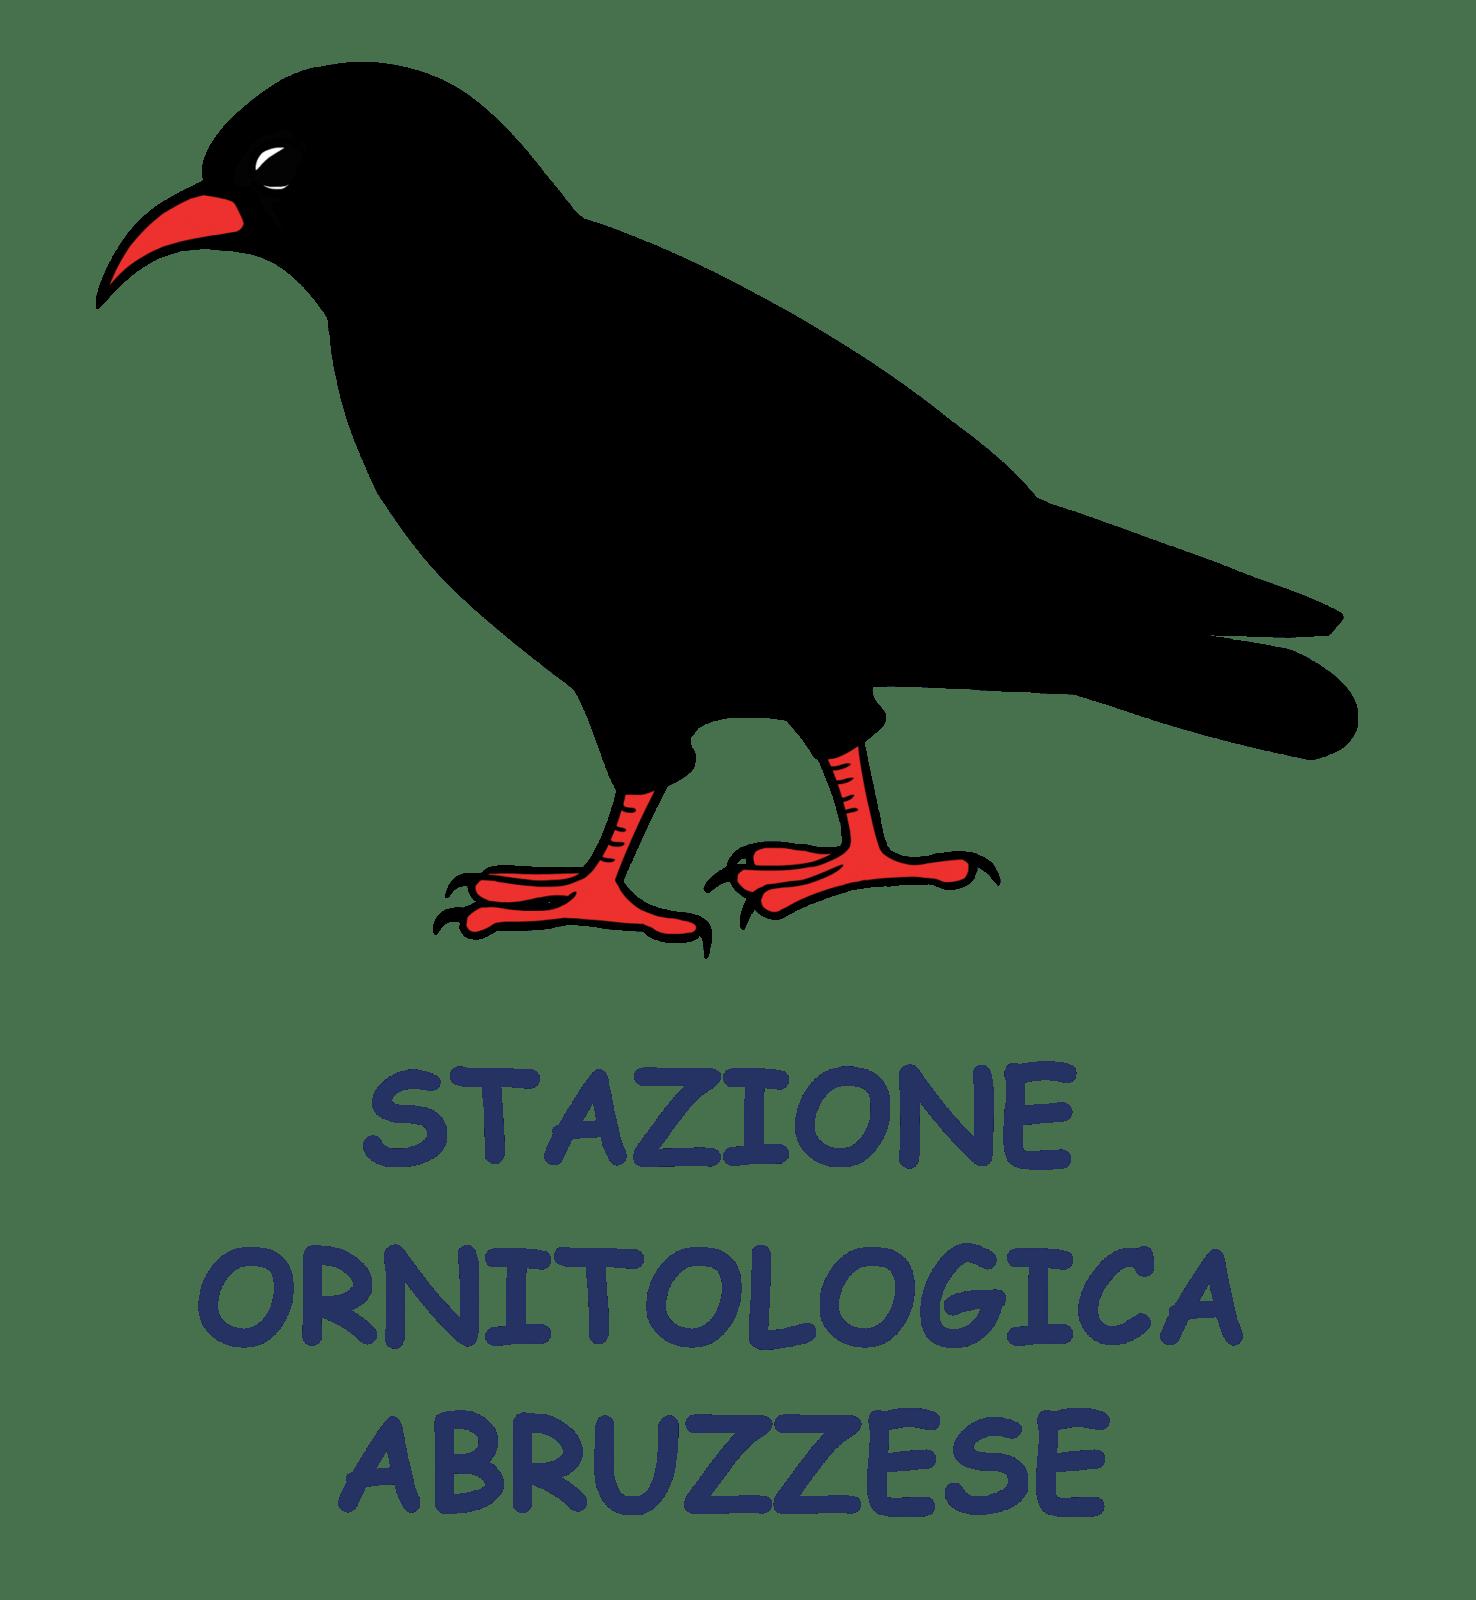 Stazione Ornitologica Abruzzese: esposti annosi a tutela dell'Orso senza risposte